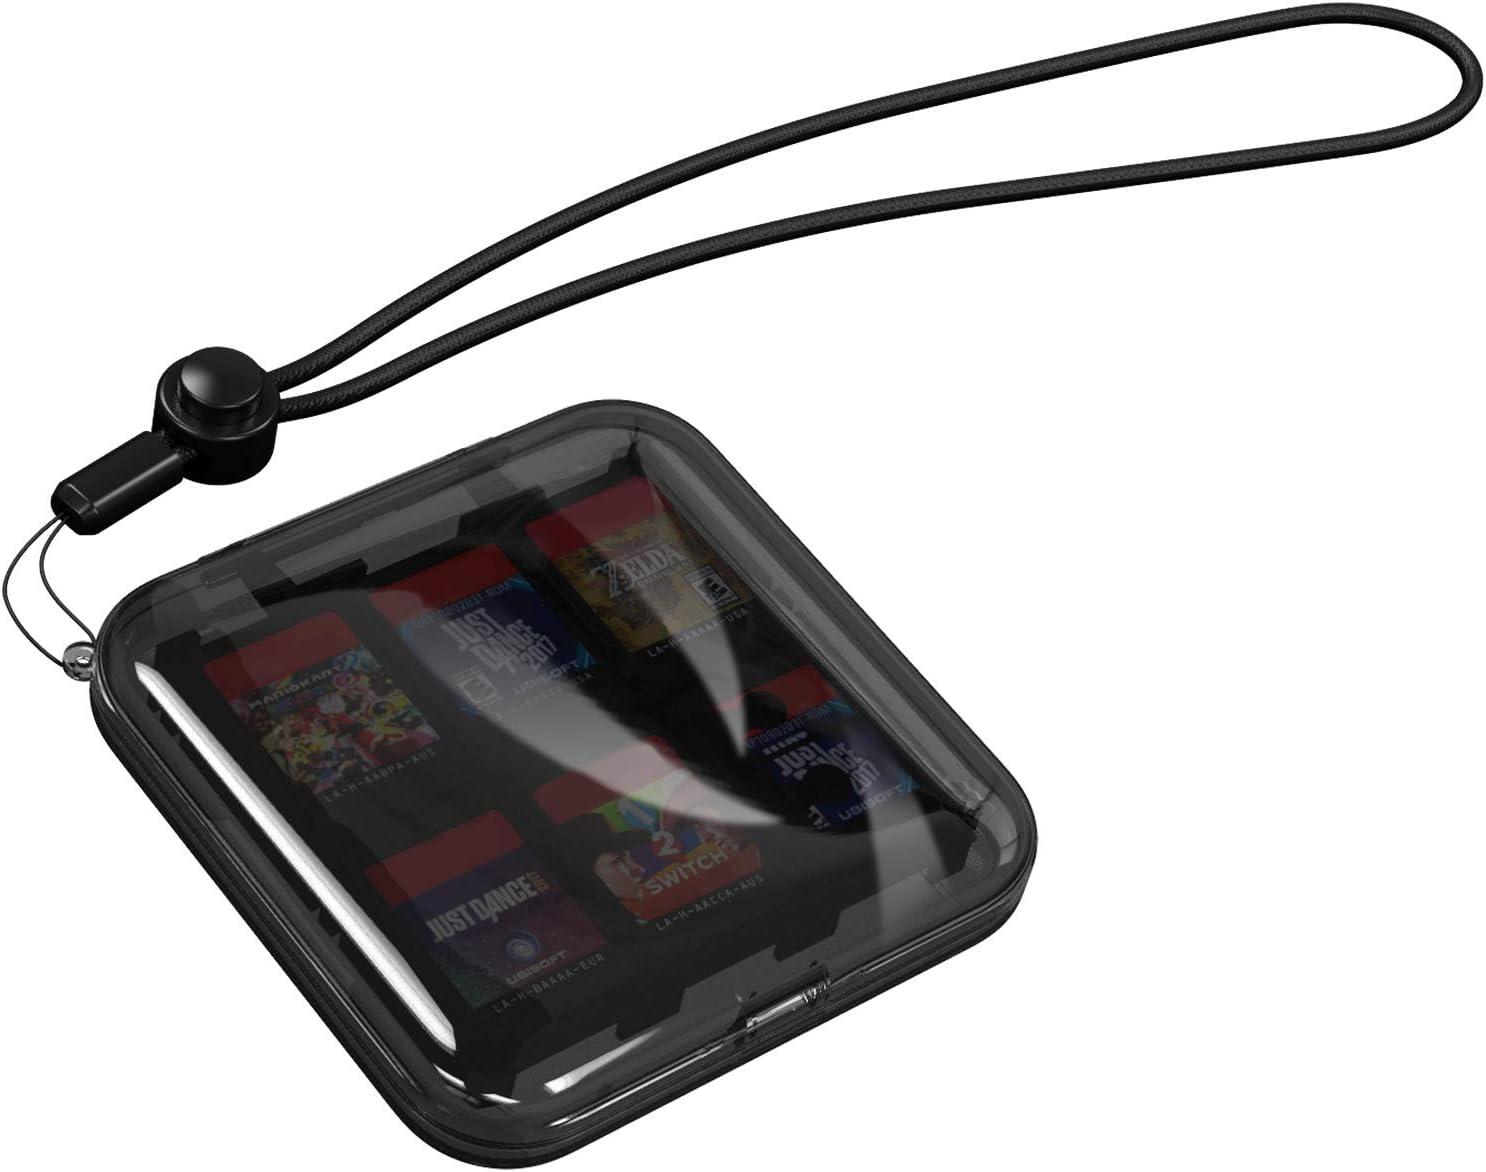 MoKo Caja Protectora Compatible con Tarjeta de Juego de Nintendo Switch, Bolsa PC Concha Dura Portátil con 12 Puestos de Cartucho de Juego, Estuche Transparente para Almacenar Game Cards: Amazon.es: Electrónica